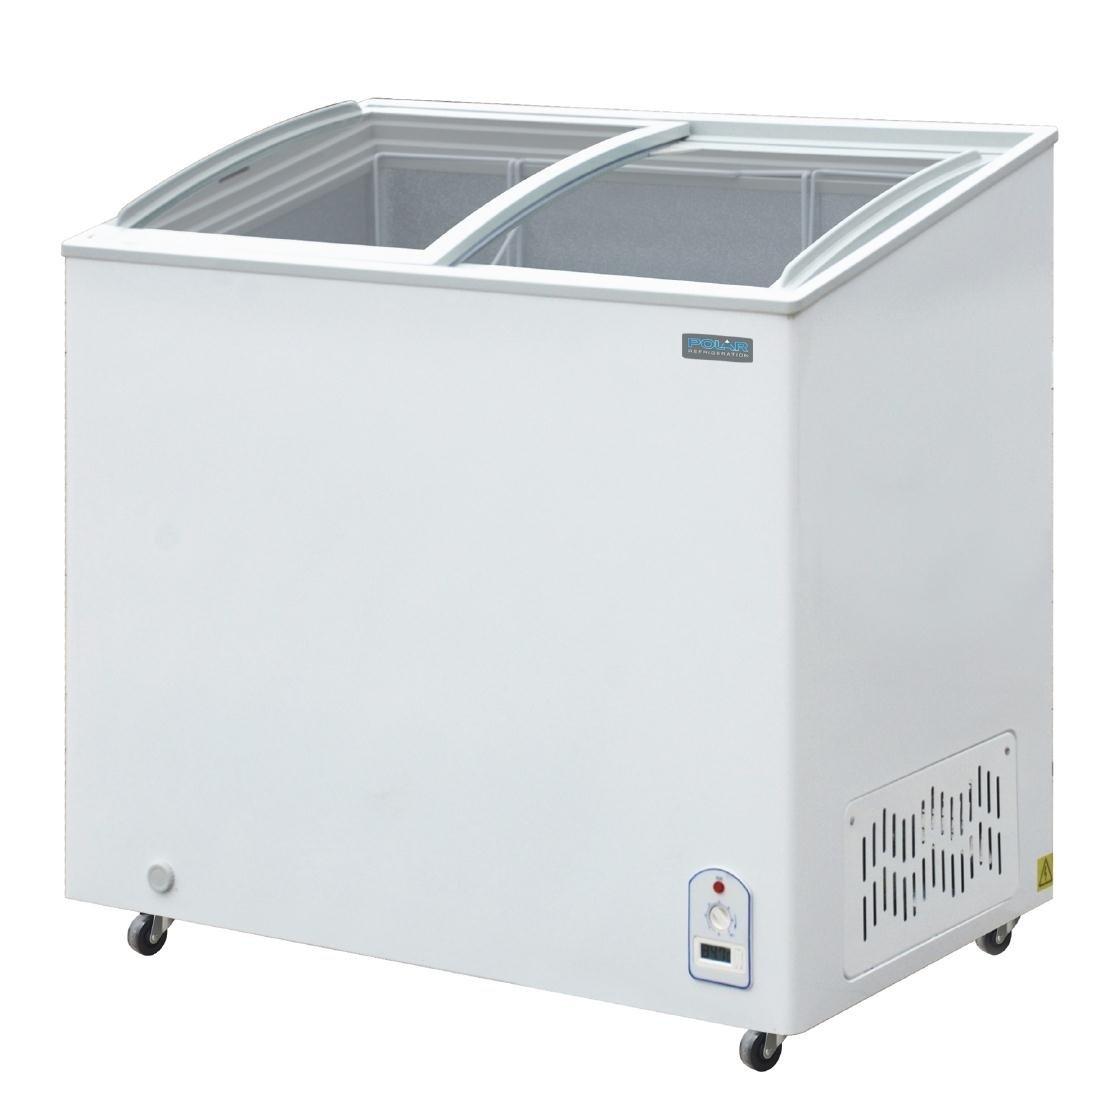 Polar pantalla pecho congelador 200LTR capacidad 200LTR superior ...